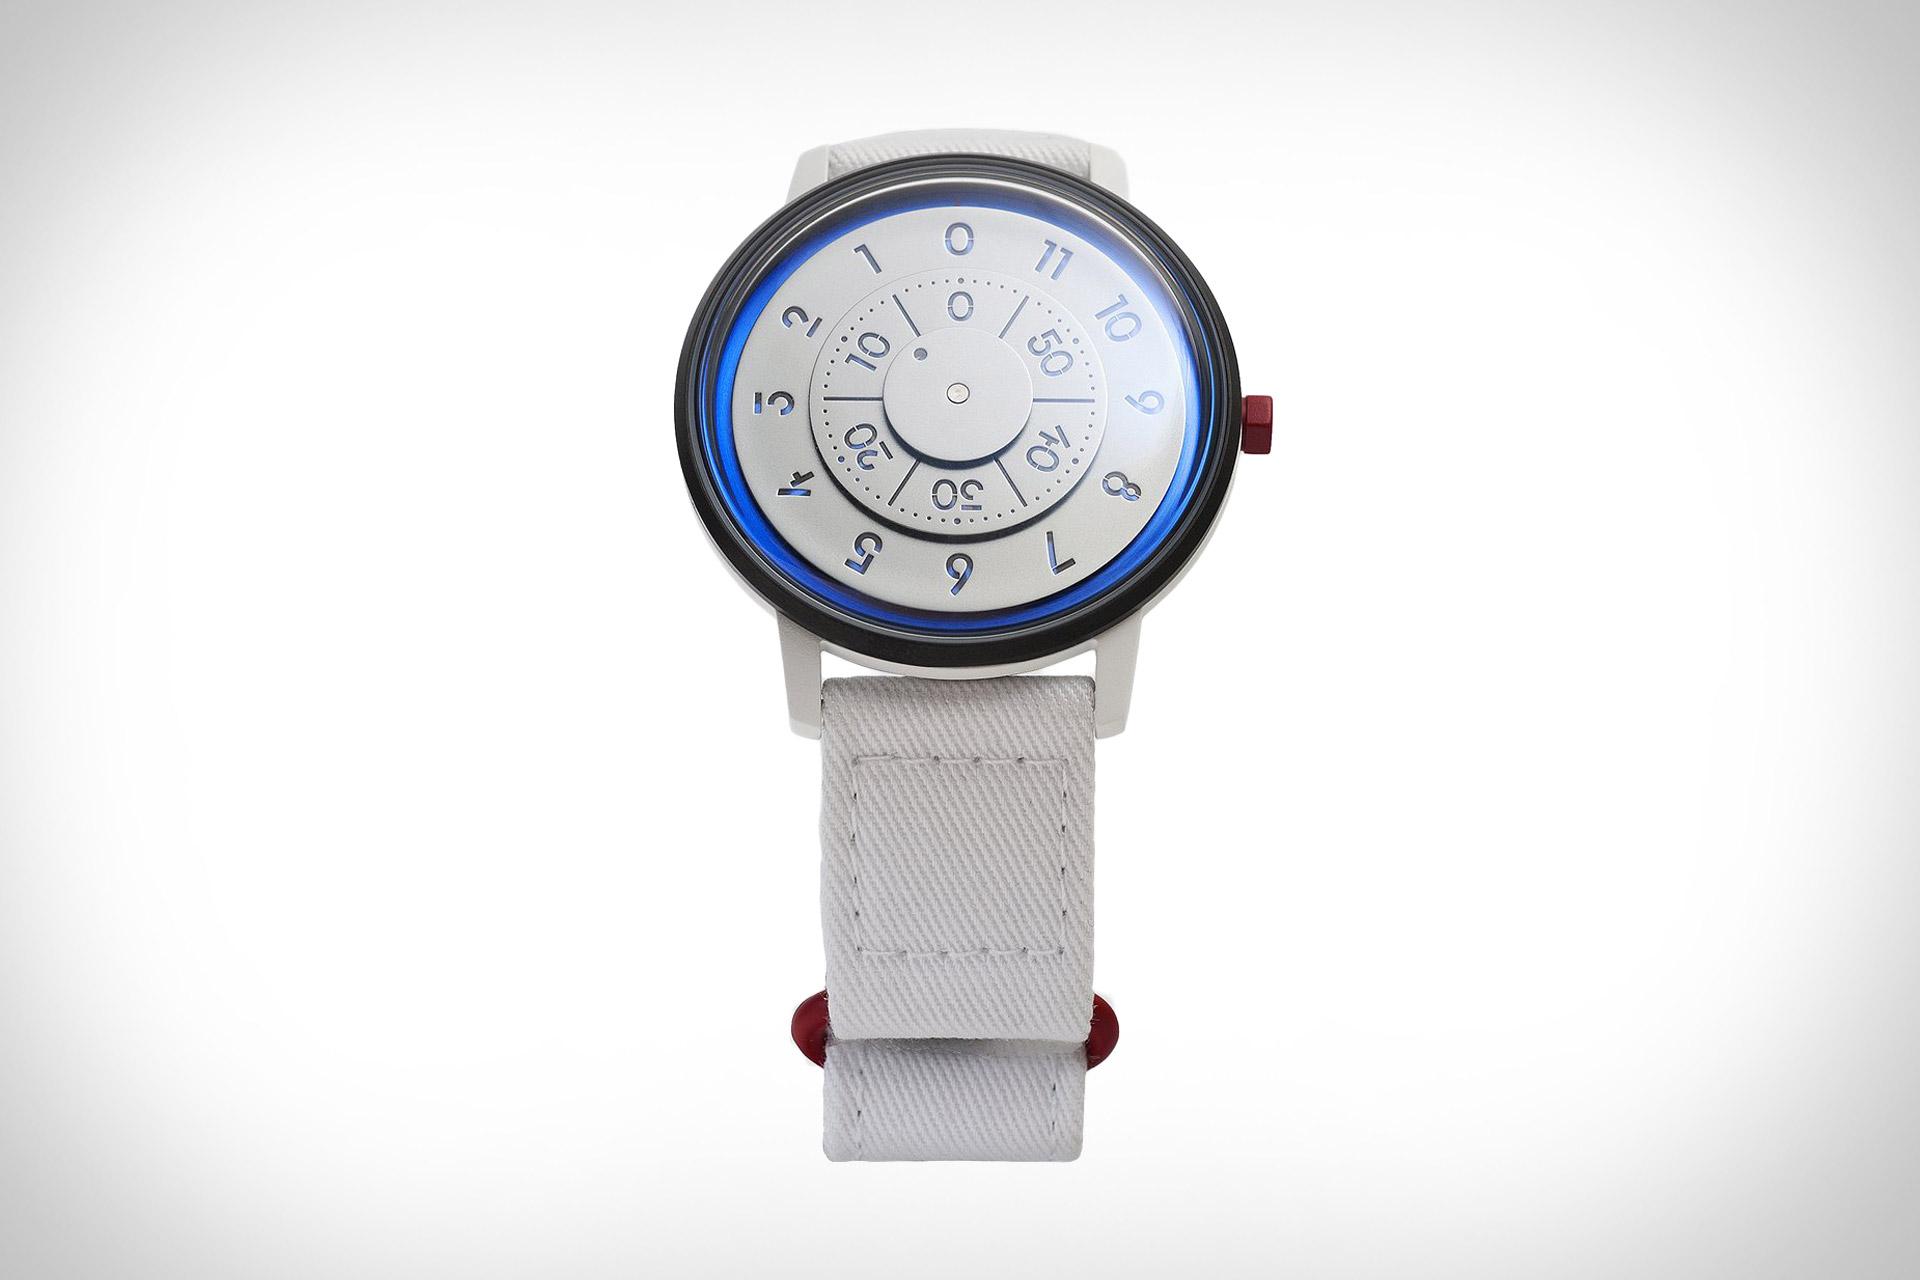 Anicorn x NASA 60th Anniversary Watch